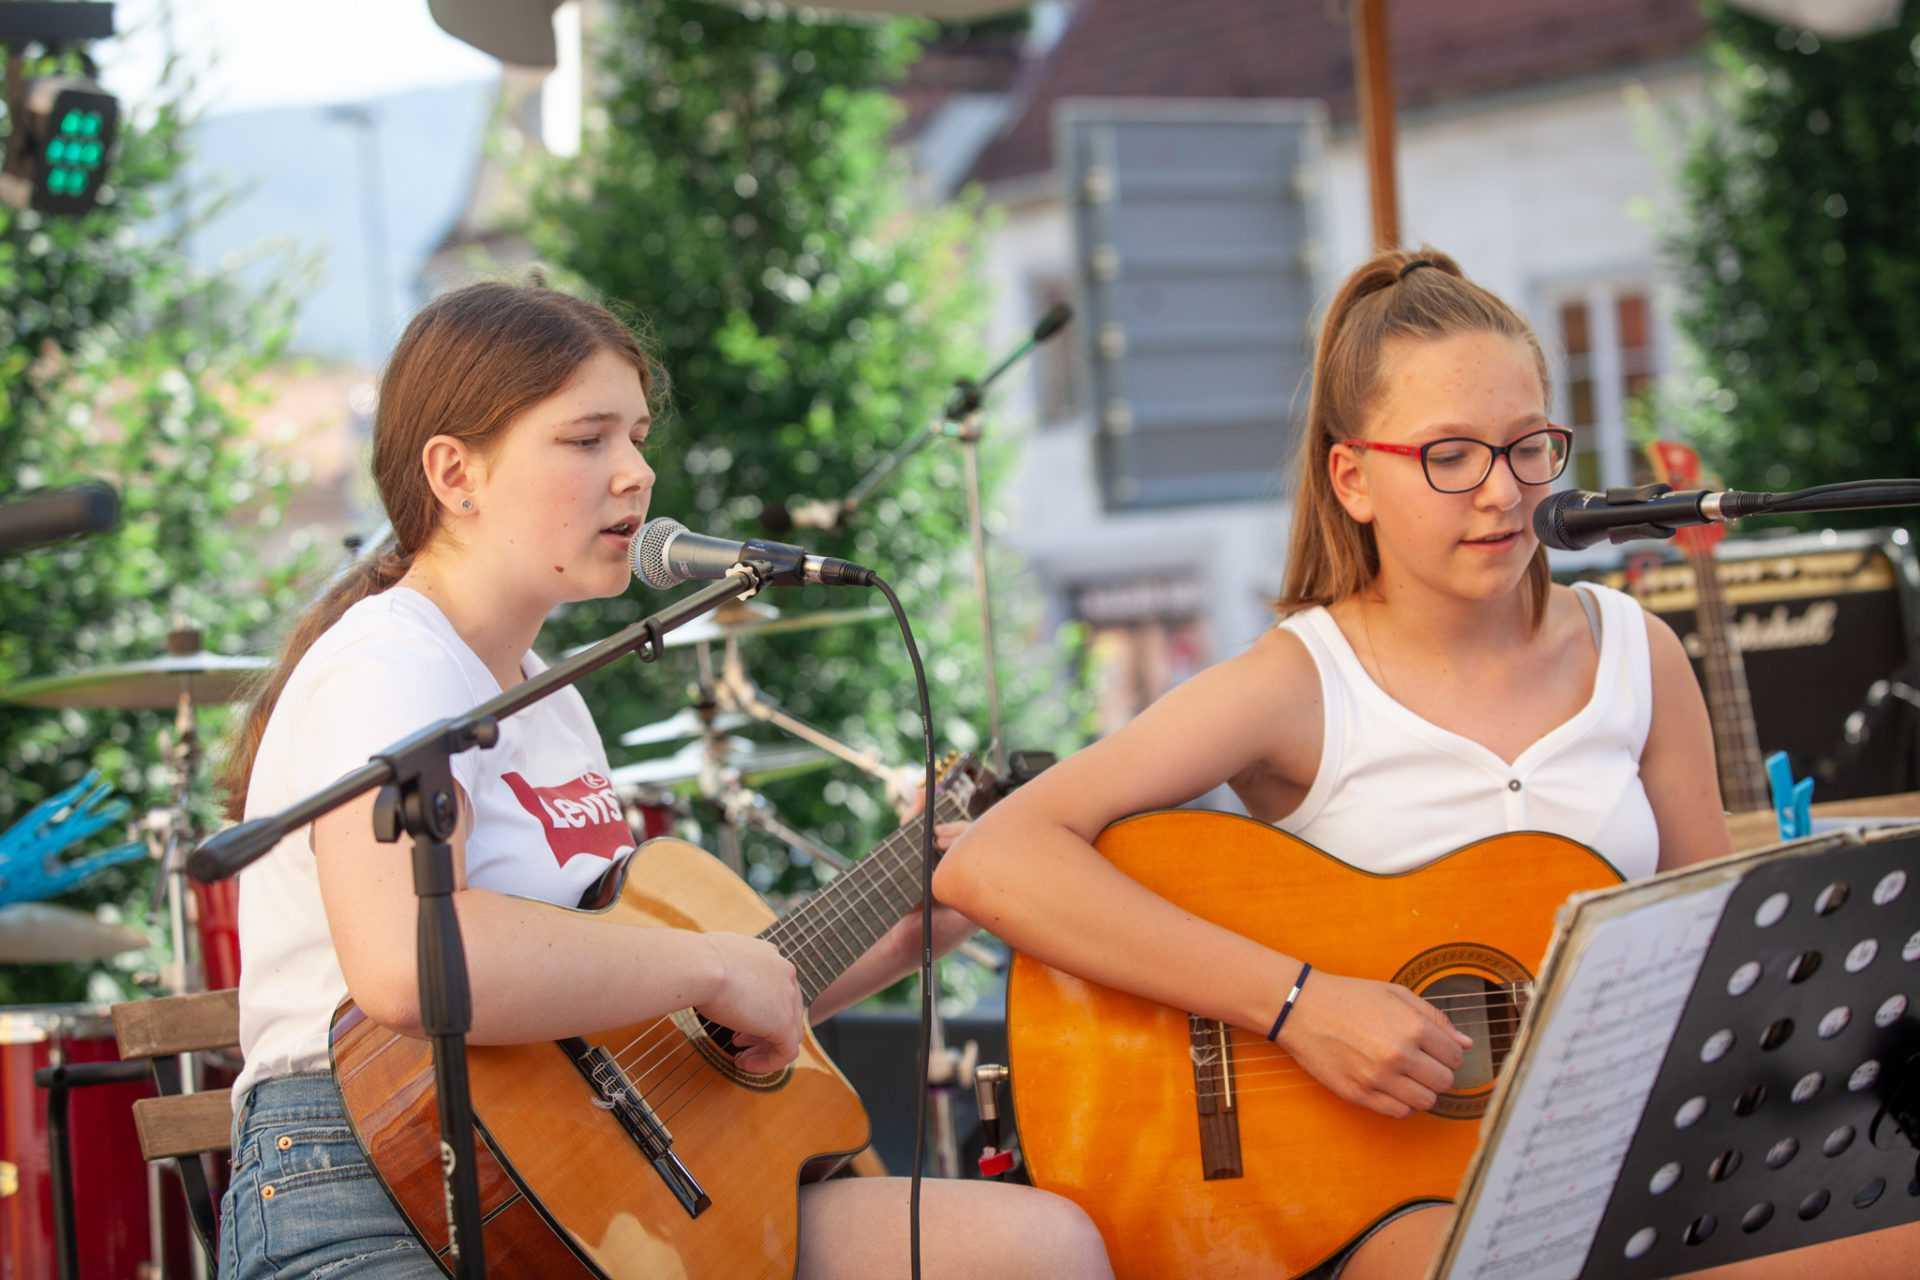 učenje akustične kitare